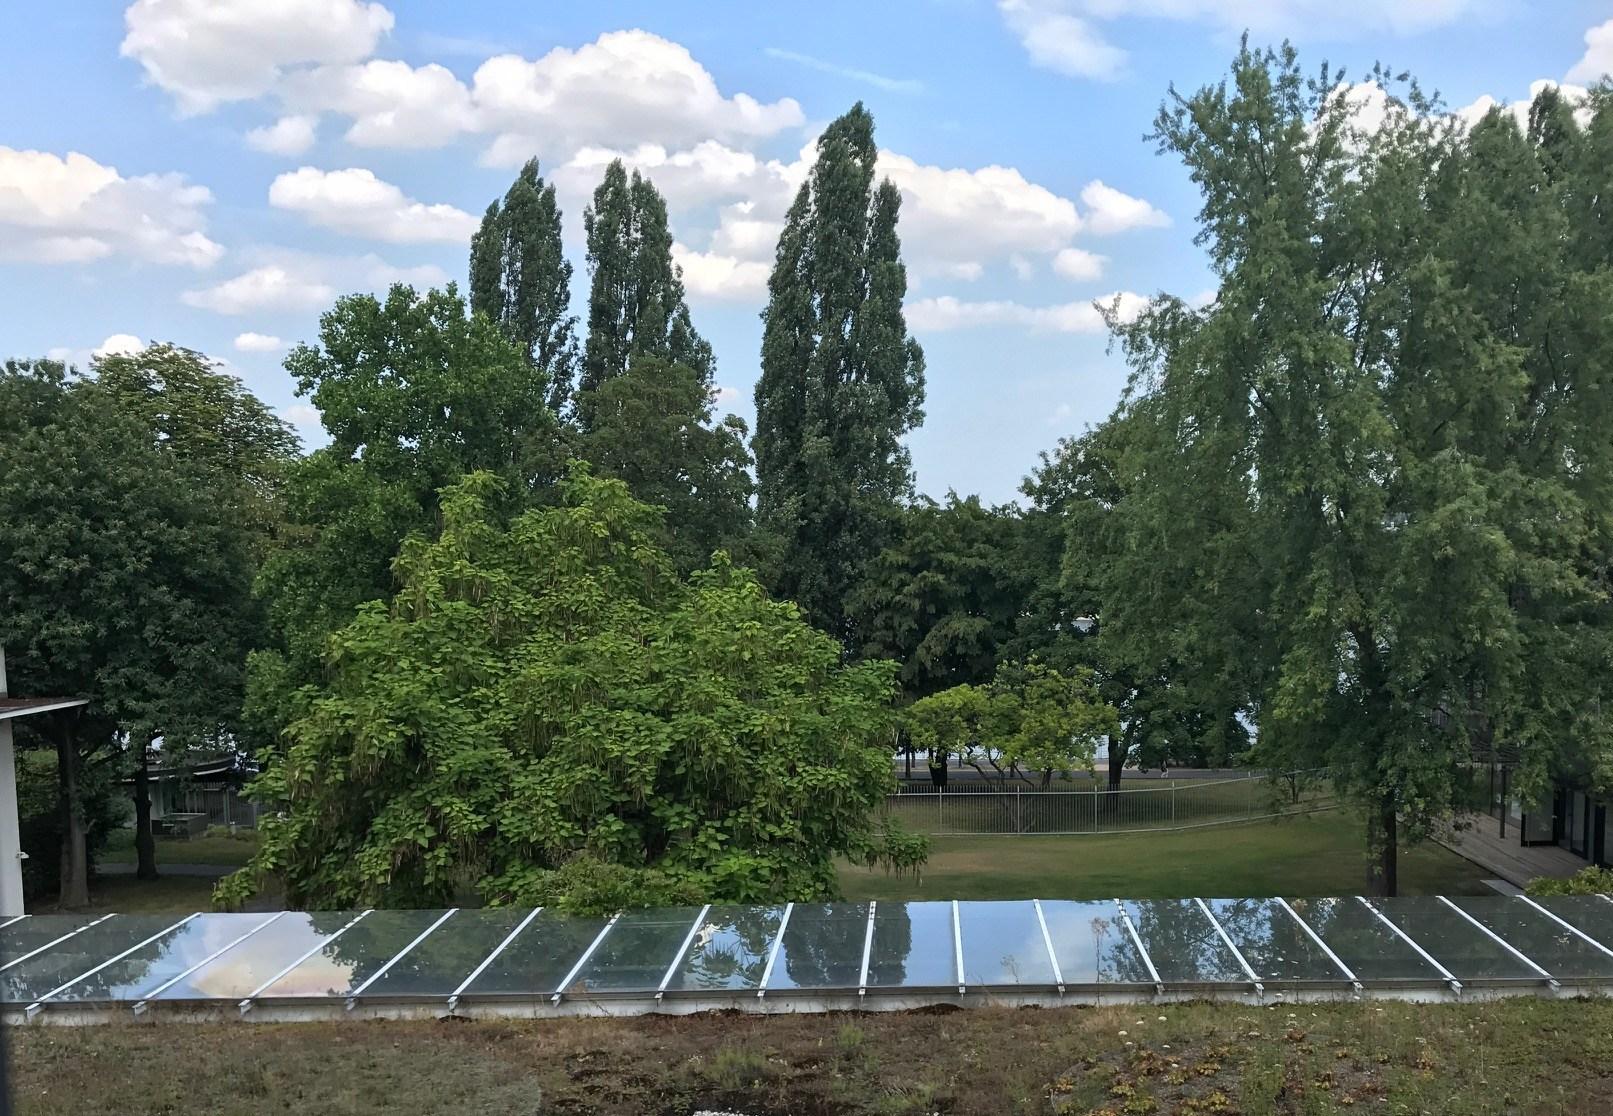 EFI Bonn office window view